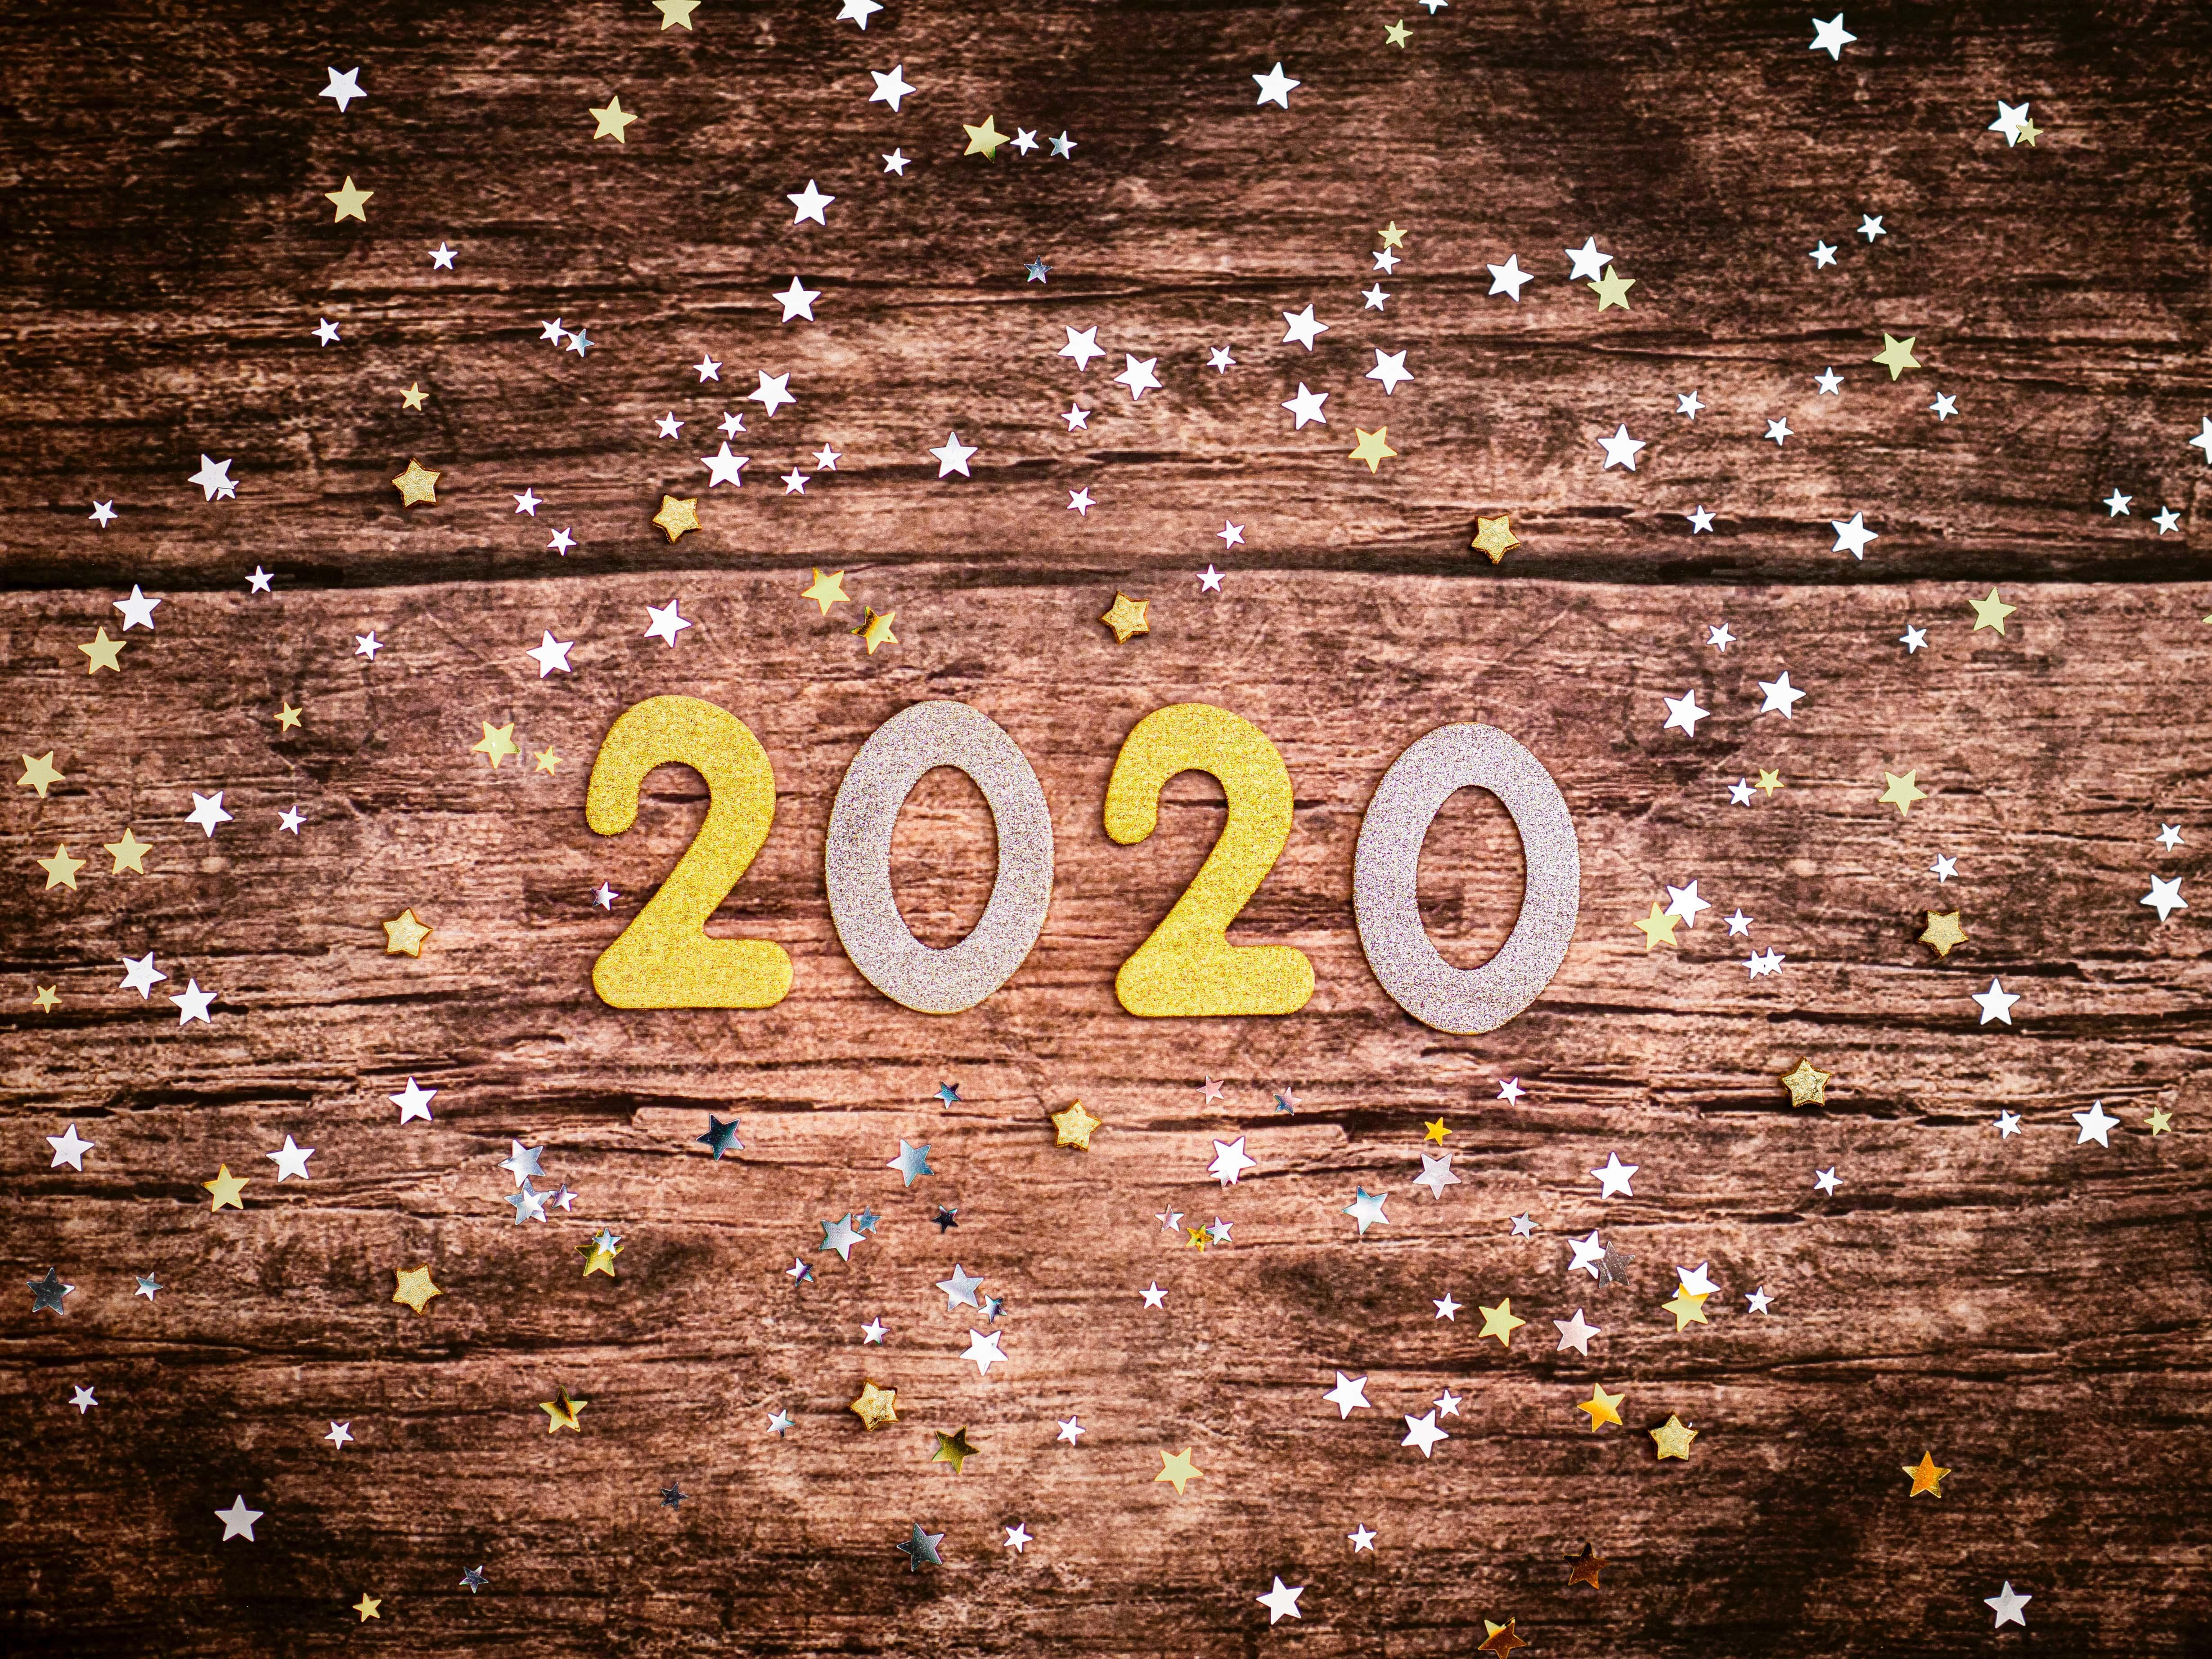 12 tegevust 12 kuuks, mis on uusaastalubadustest efektiivsemad